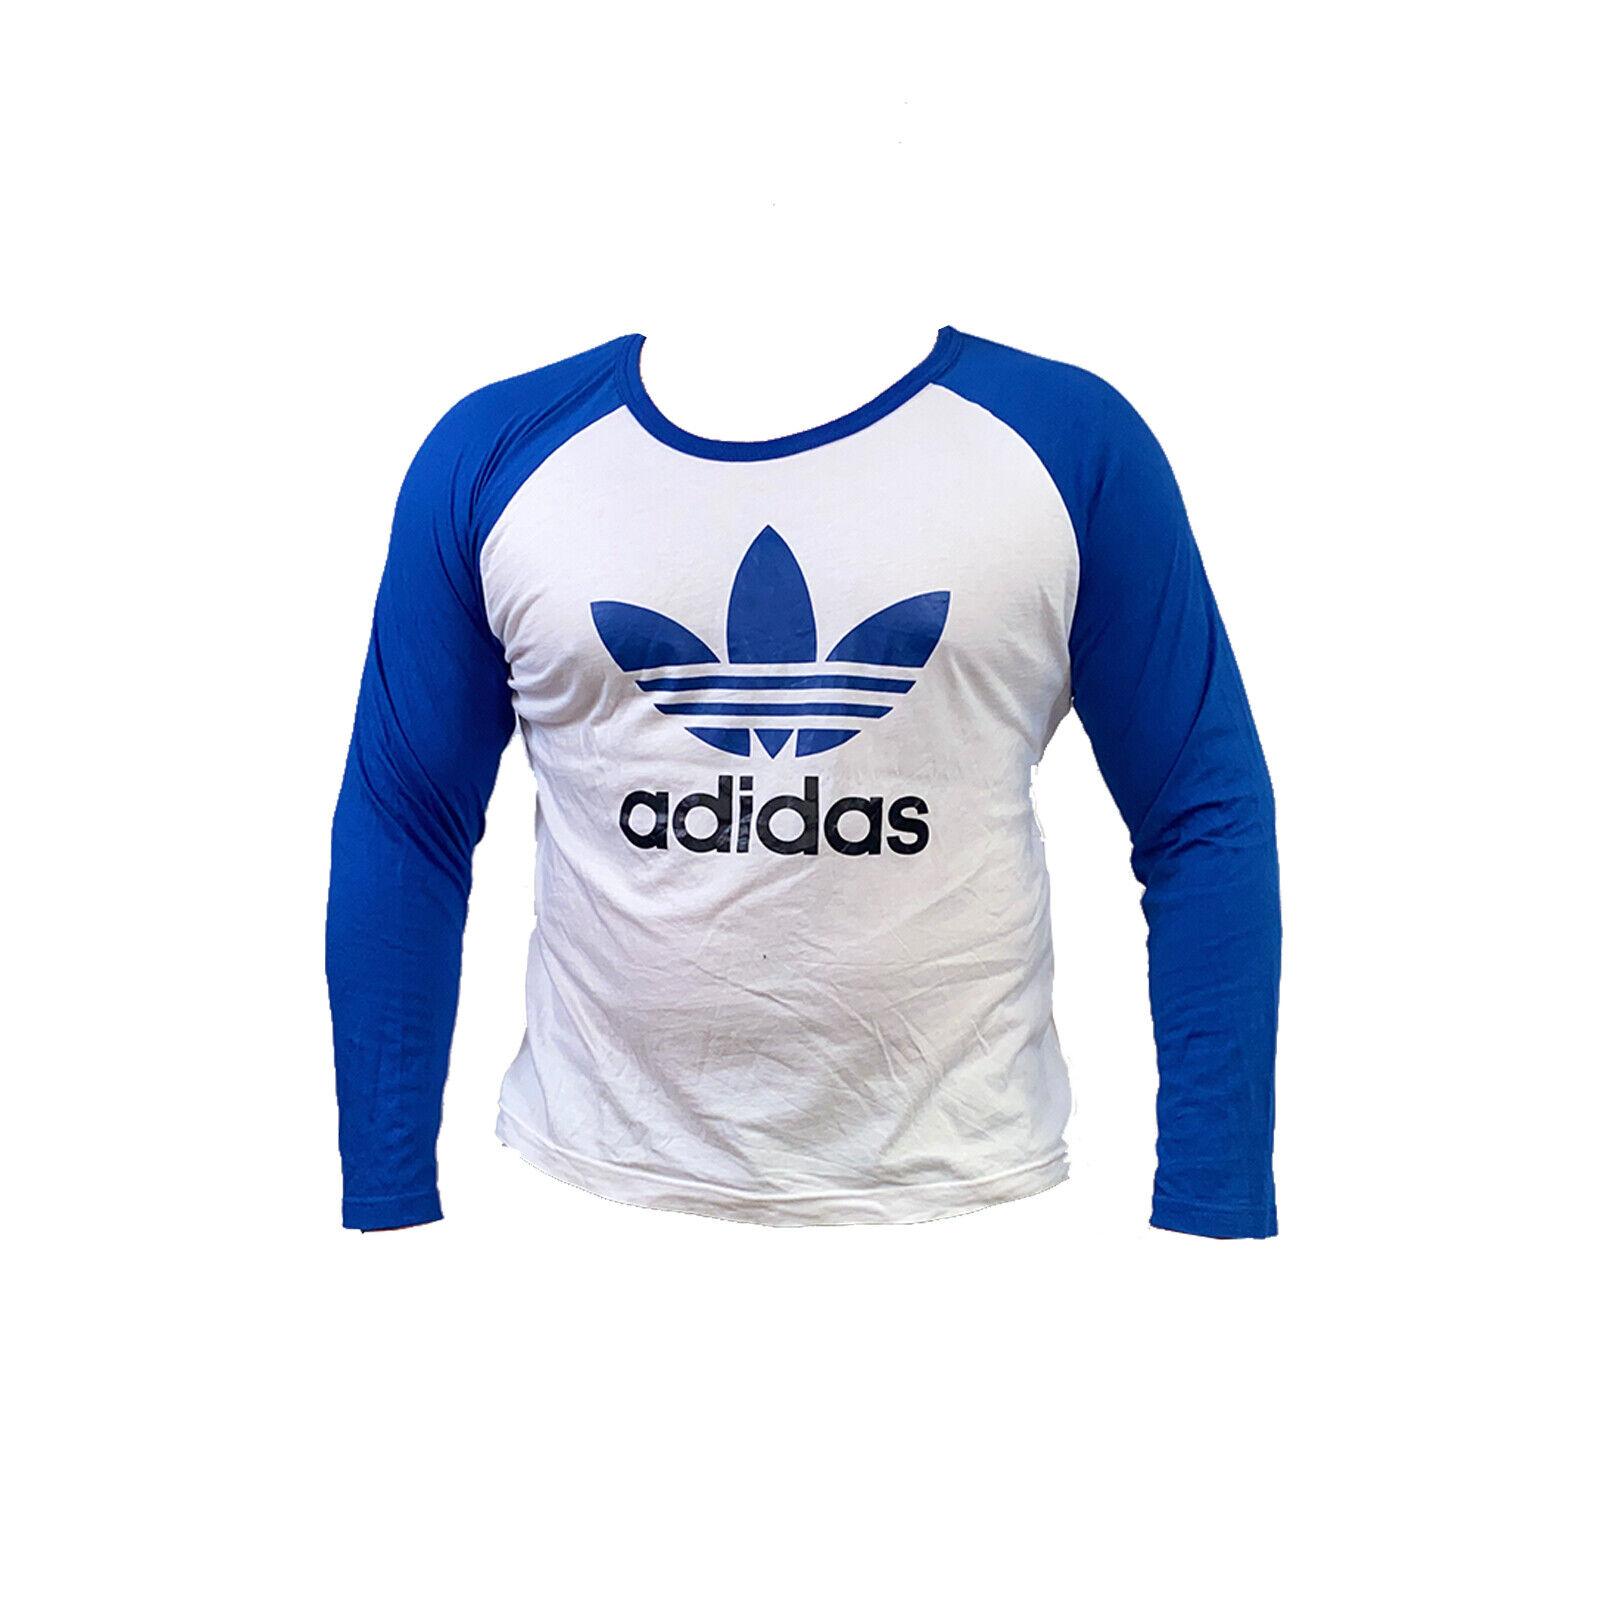 Adidas AJ6957 Herren Freizeitshirt Trefoil Longsleeve Sport Essentials Weiß/Blau